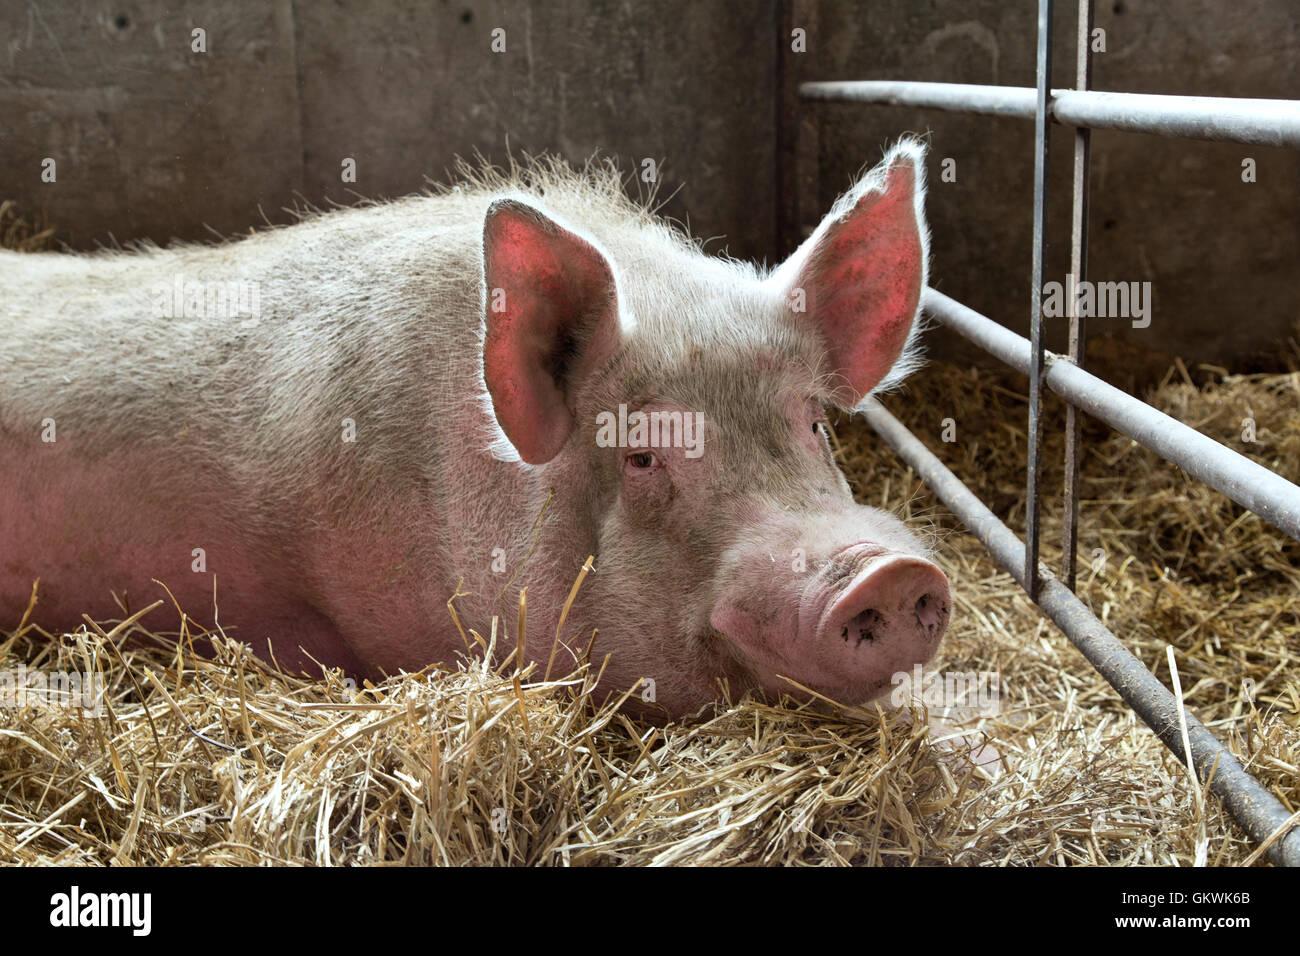 Wildschwein auf Stroh, Stift. Stockbild